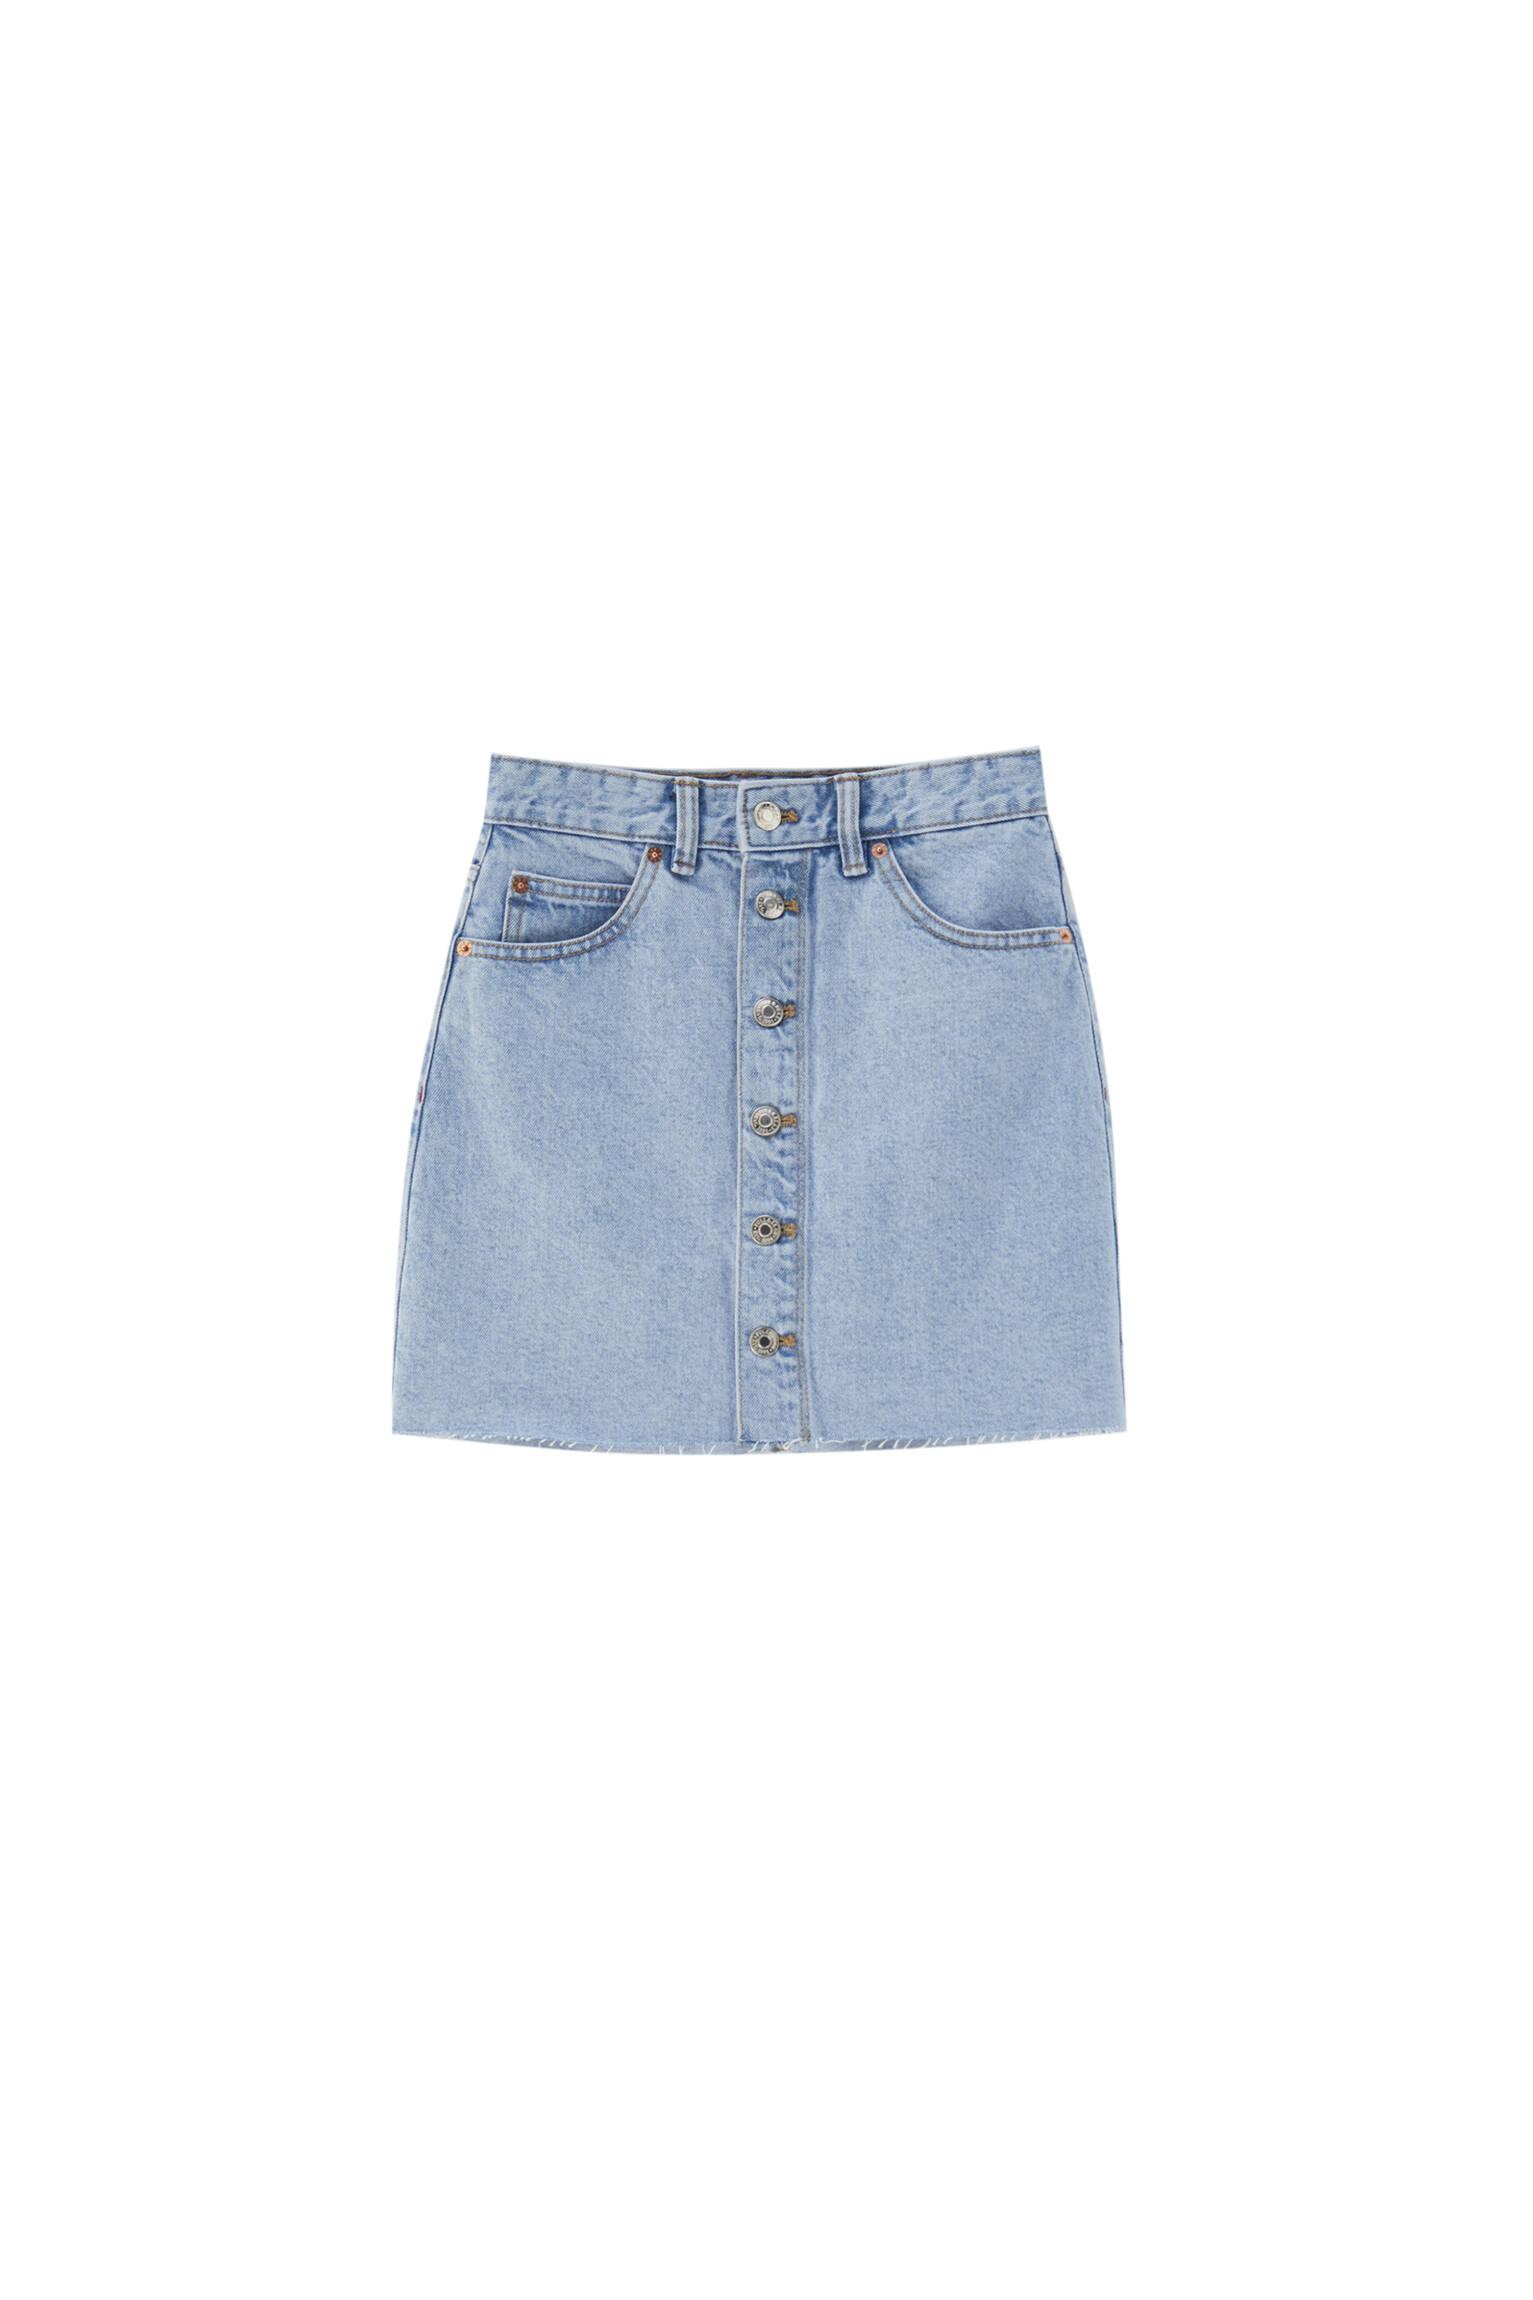 Синий Джинсовая мини-юбка с пуговицами - не менее 50% органического хлопка Pull & Bear